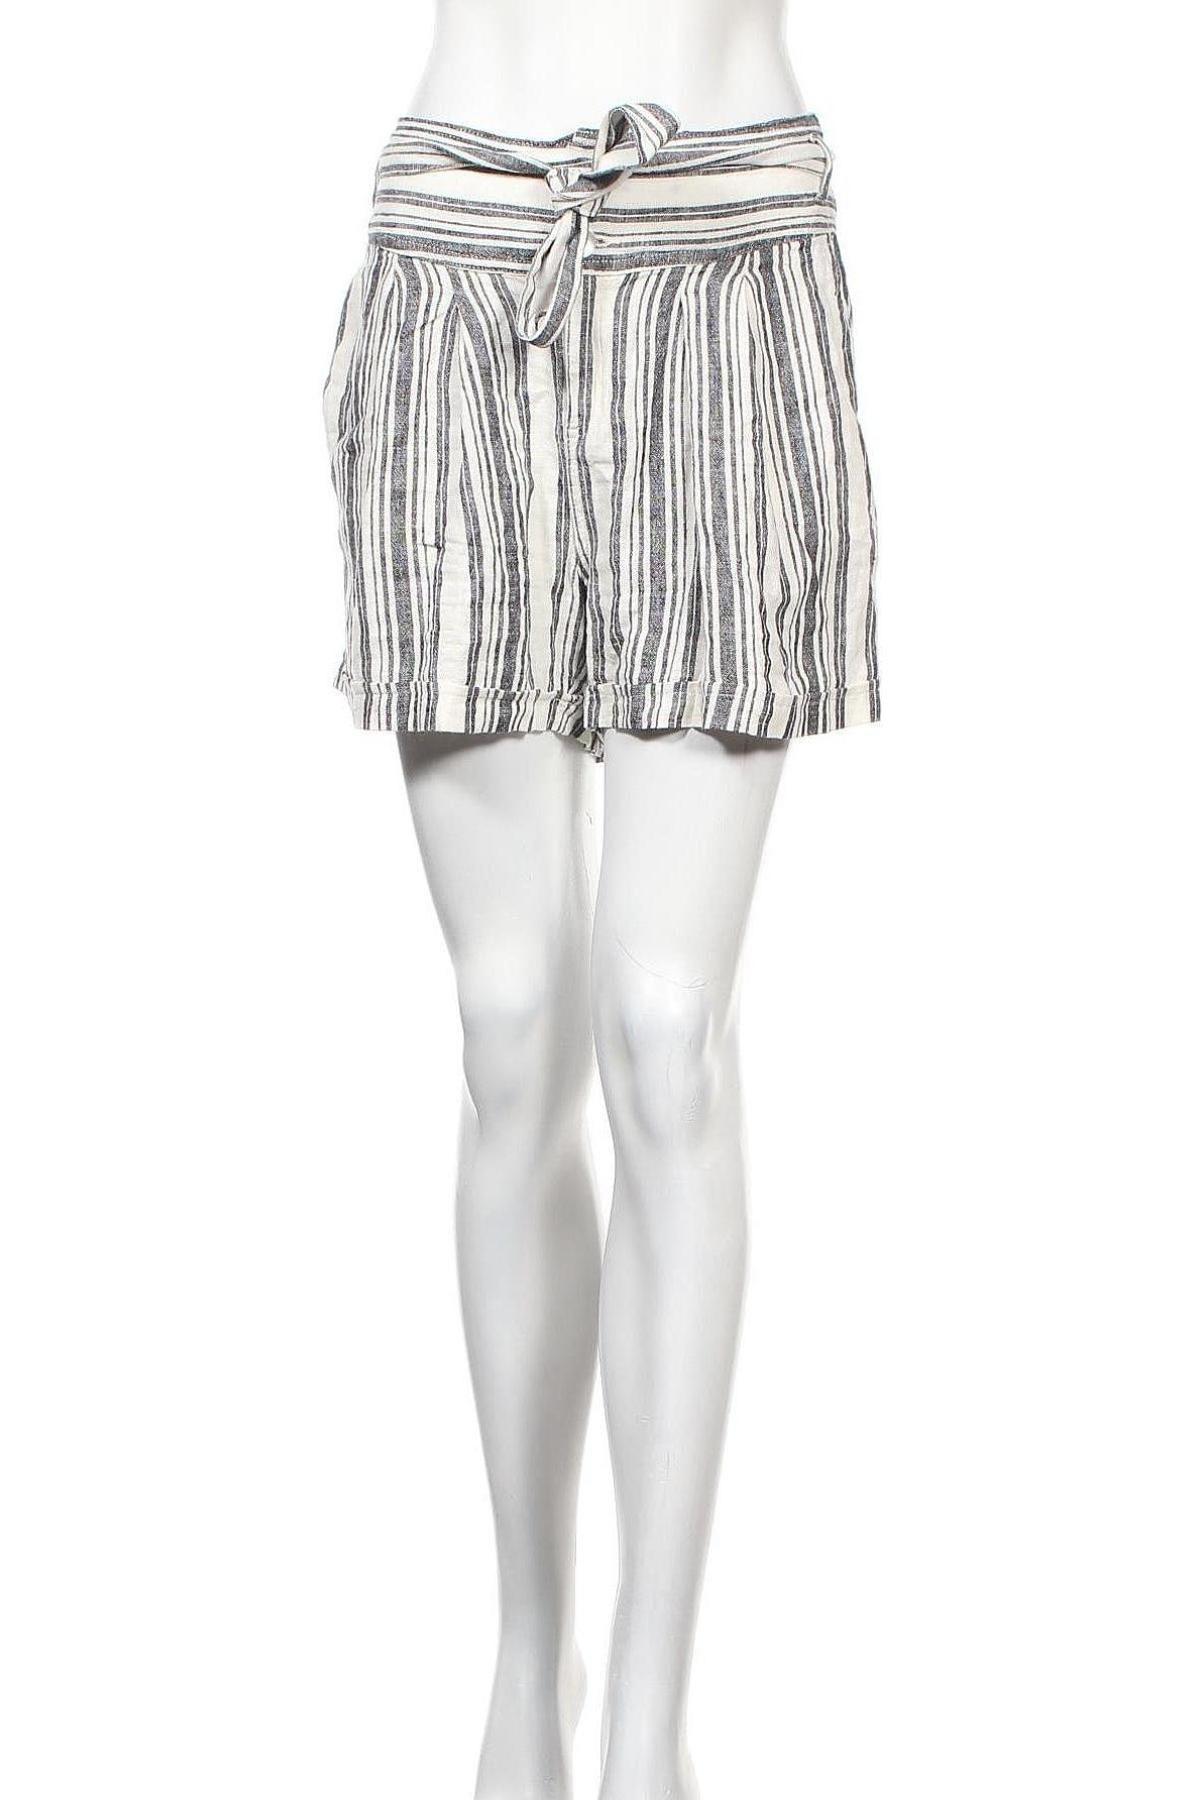 Γυναικείο κοντό παντελόνι ONLY, Μέγεθος M, Χρώμα Λευκό, Τιμή 11,86€